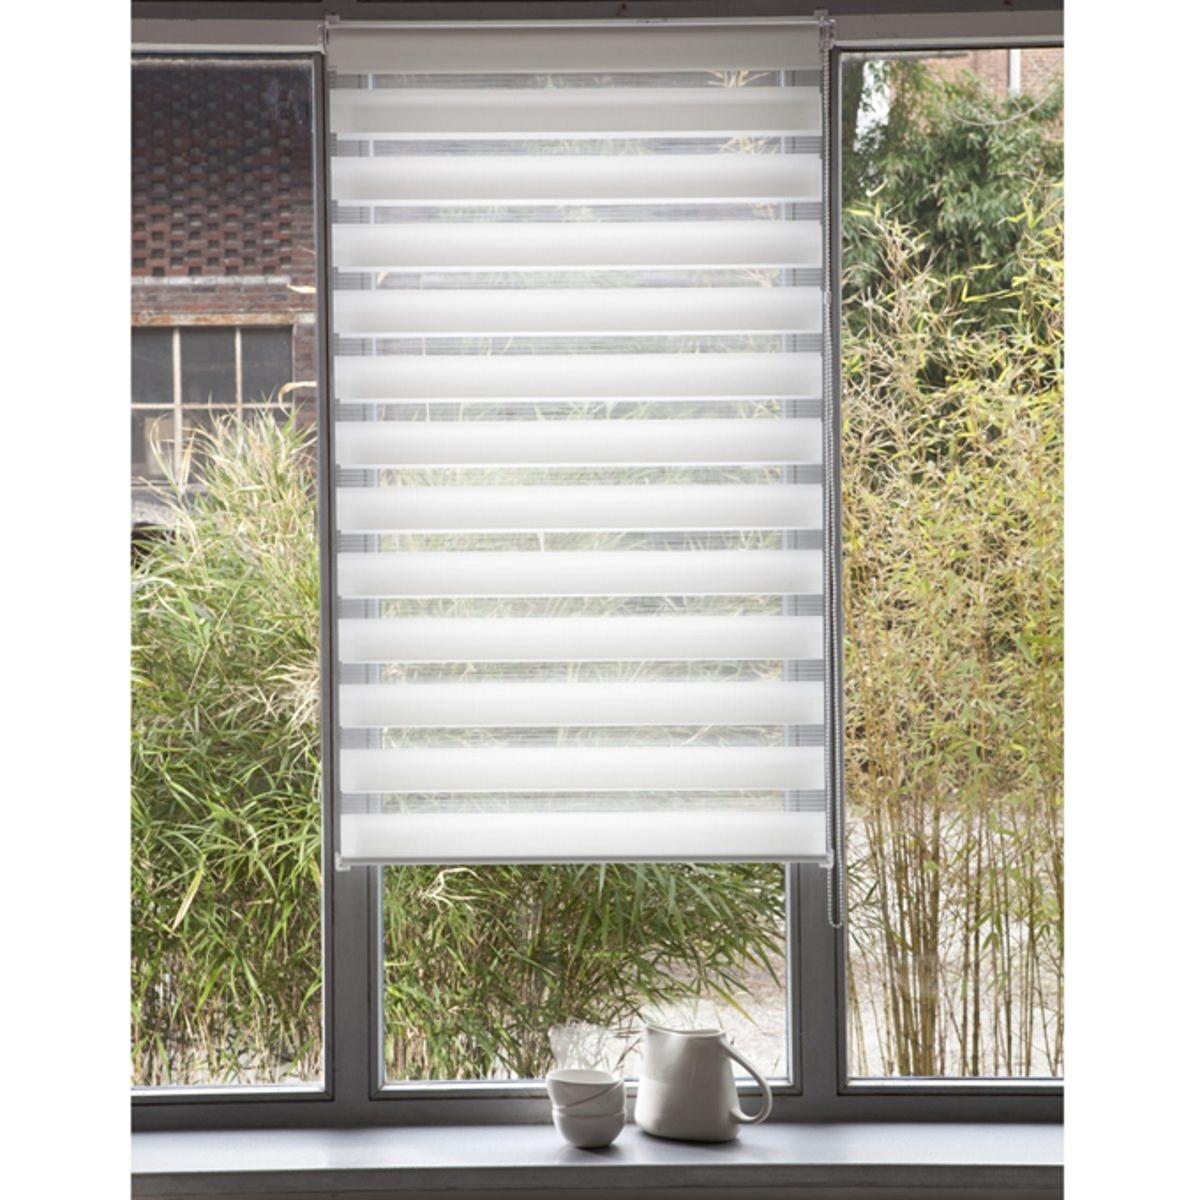 Штора рулонная, пропускающая свет, Jour / Nuit, с системой Easy (для не широких окон)Эта штора позволяет выбирать интенсивность света, от ажурного эффекта до рассеянного света . Снабжена системой Concept Easy : крепление защелкой !. Без сверления и крепления, она крепится на окна ПВХ с помощью клипс, входящих в комплект  . Мягкая ткань 100% полиэстер .Тяжелая рейка внизу.Длина регулируется механизмом с цепочкой.Можно отрезать по ширине. - H150 x L32 см- H150 x L37 см- H150 x L42 см 3 цвета на выбор - H150 x L42 см .3 цвета на выбор.<br><br>Цвет: антрацит,белый